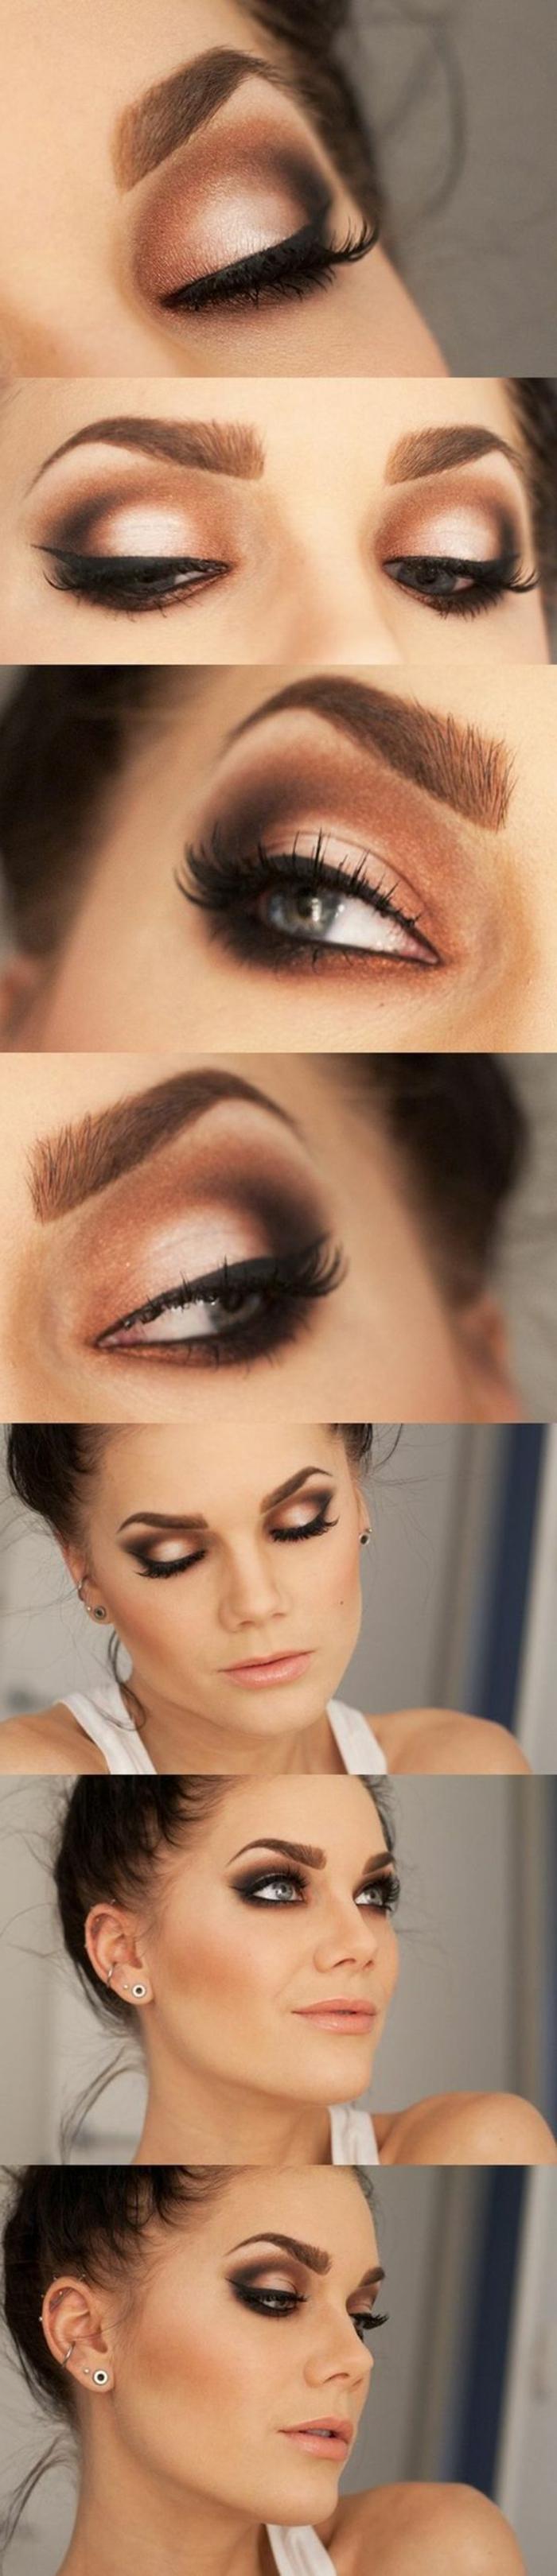 tutoriel-maquillage-comment-se-maquiller-proprement